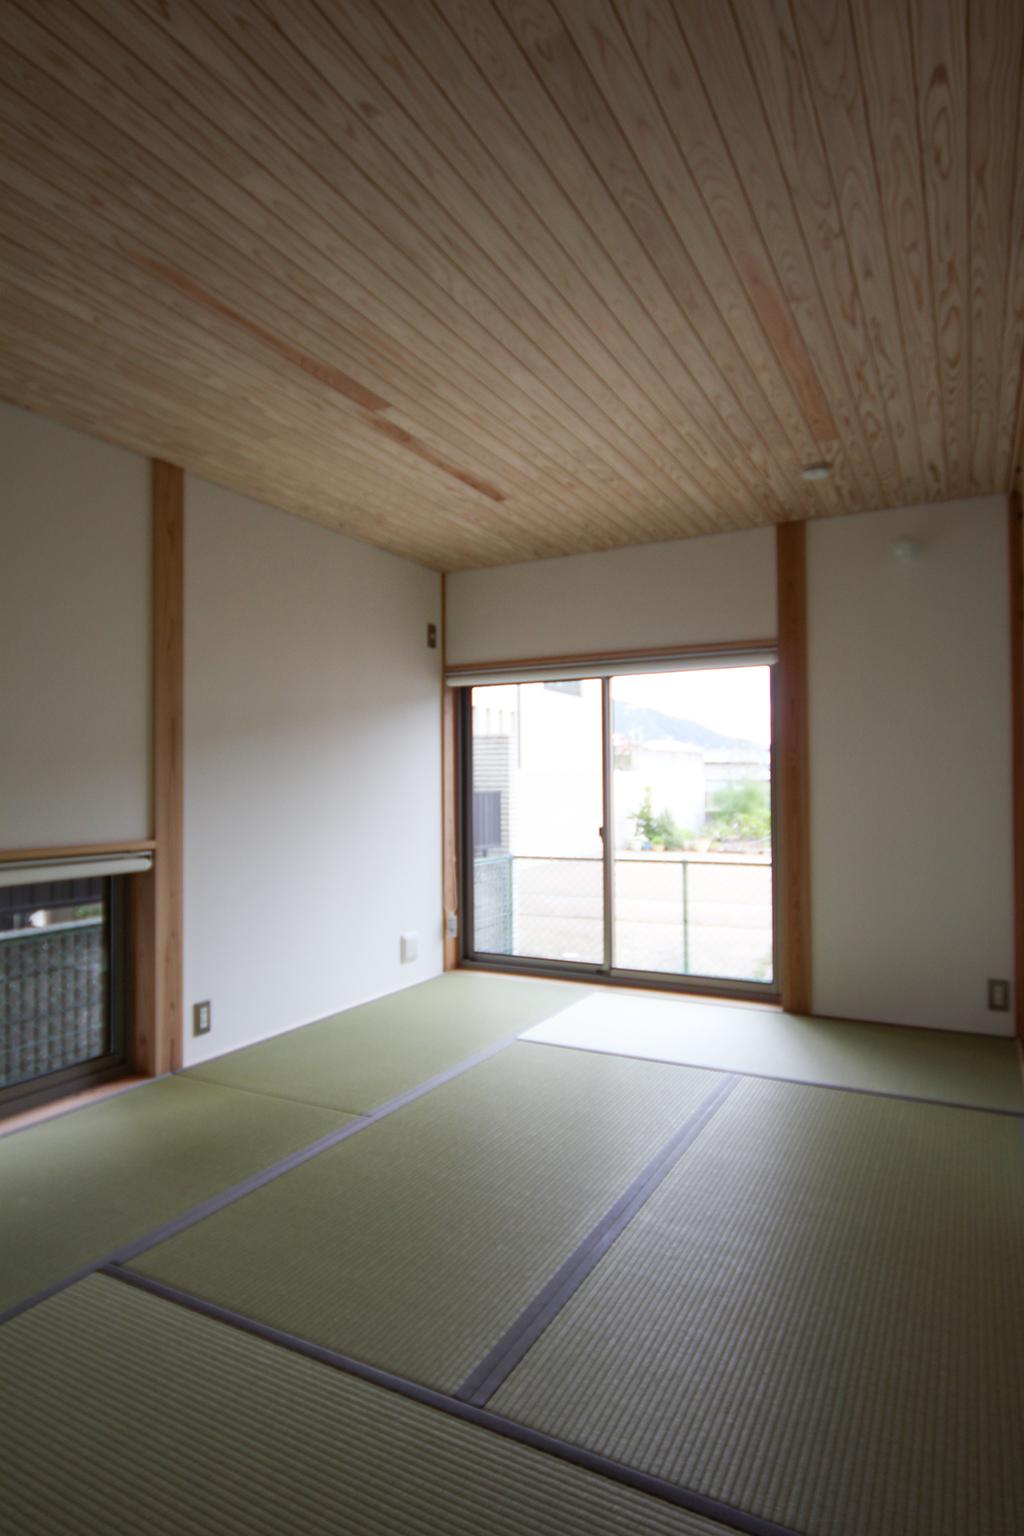 姫路市の木の家 和室の寝室